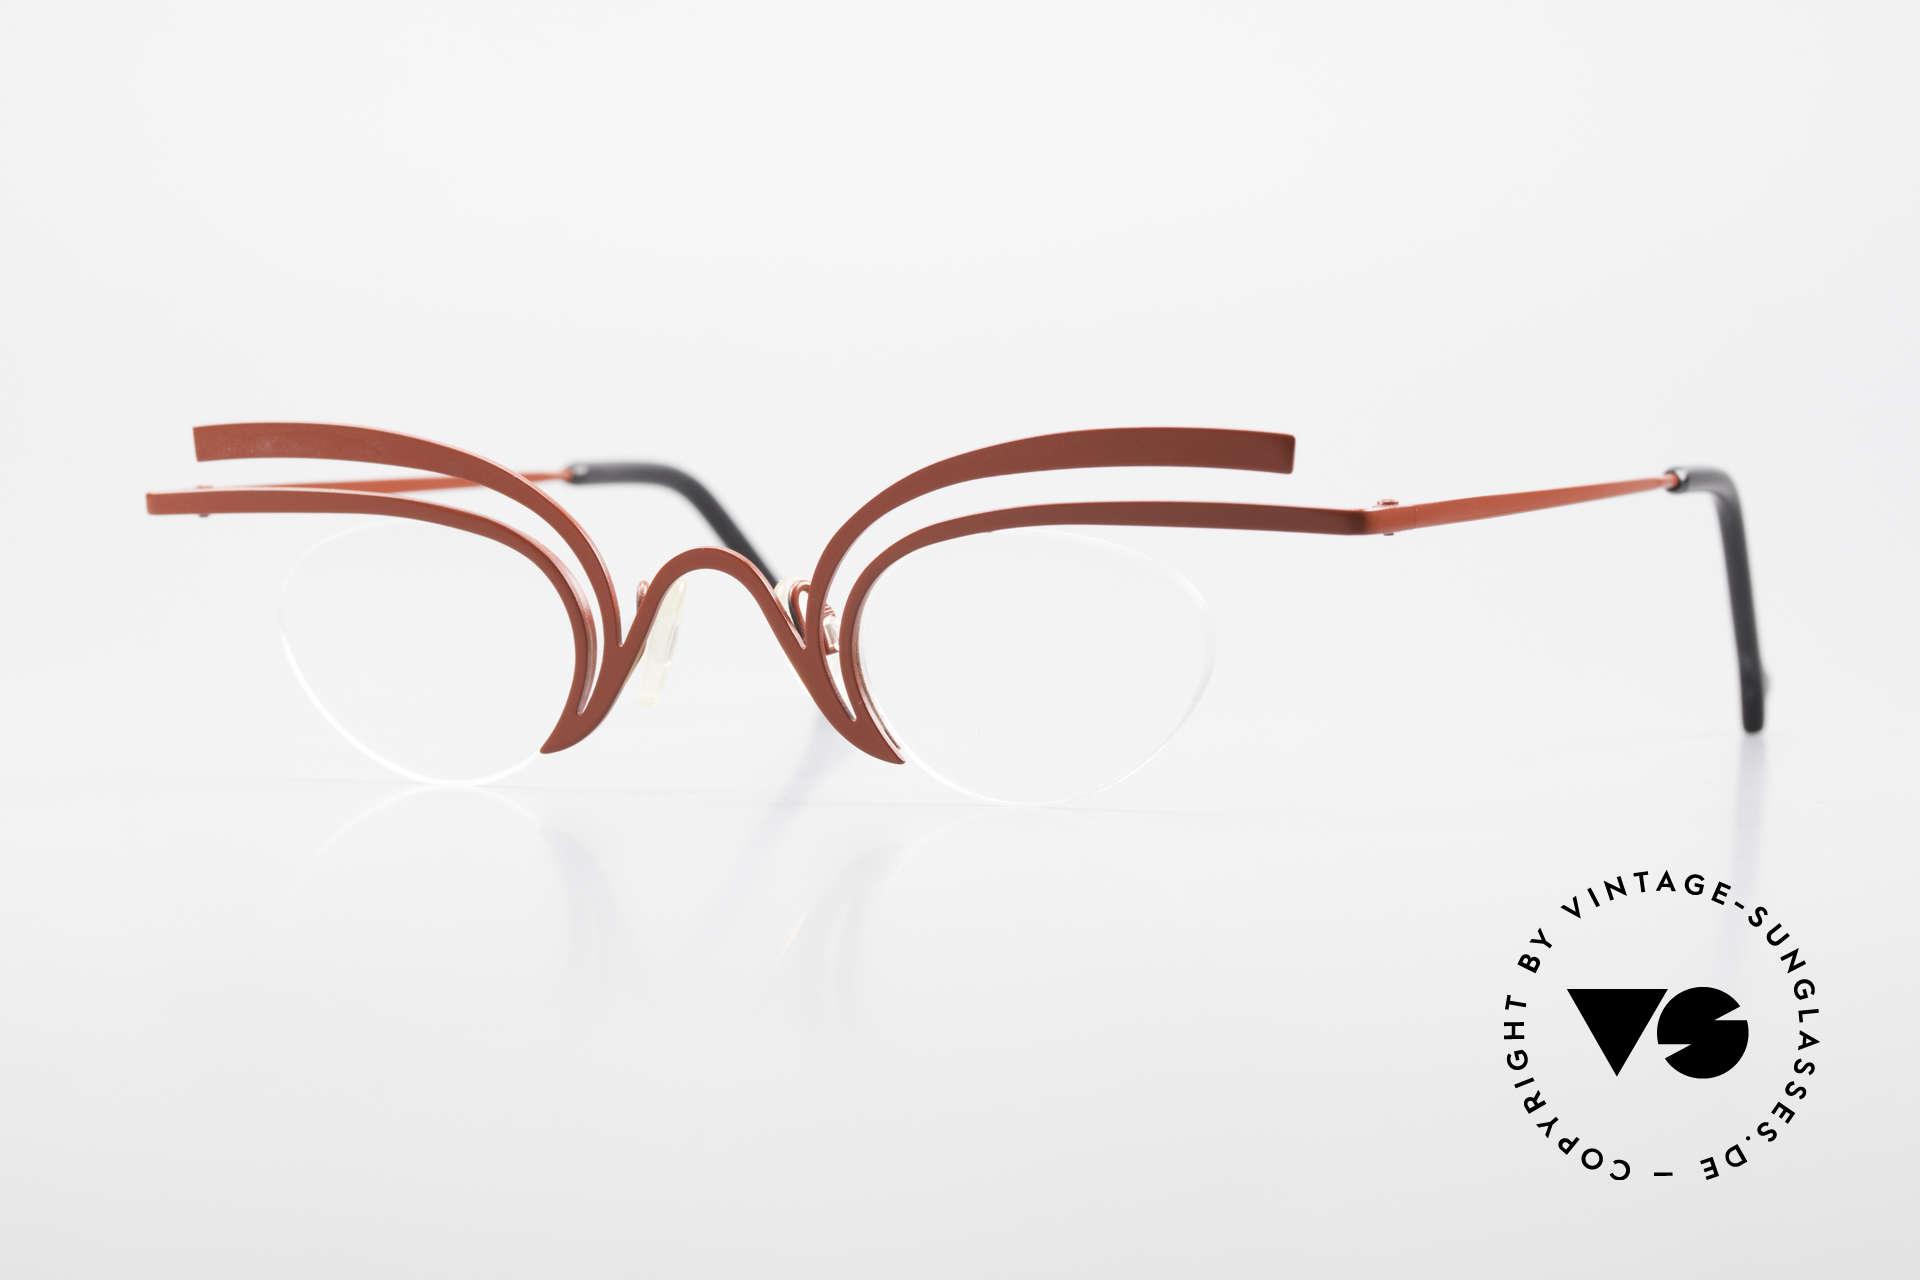 Theo Belgium Fly Verrückte Vintage Brille Damen, verrückte vintage Brille von THEO Belgium der 90er, Passend für Damen